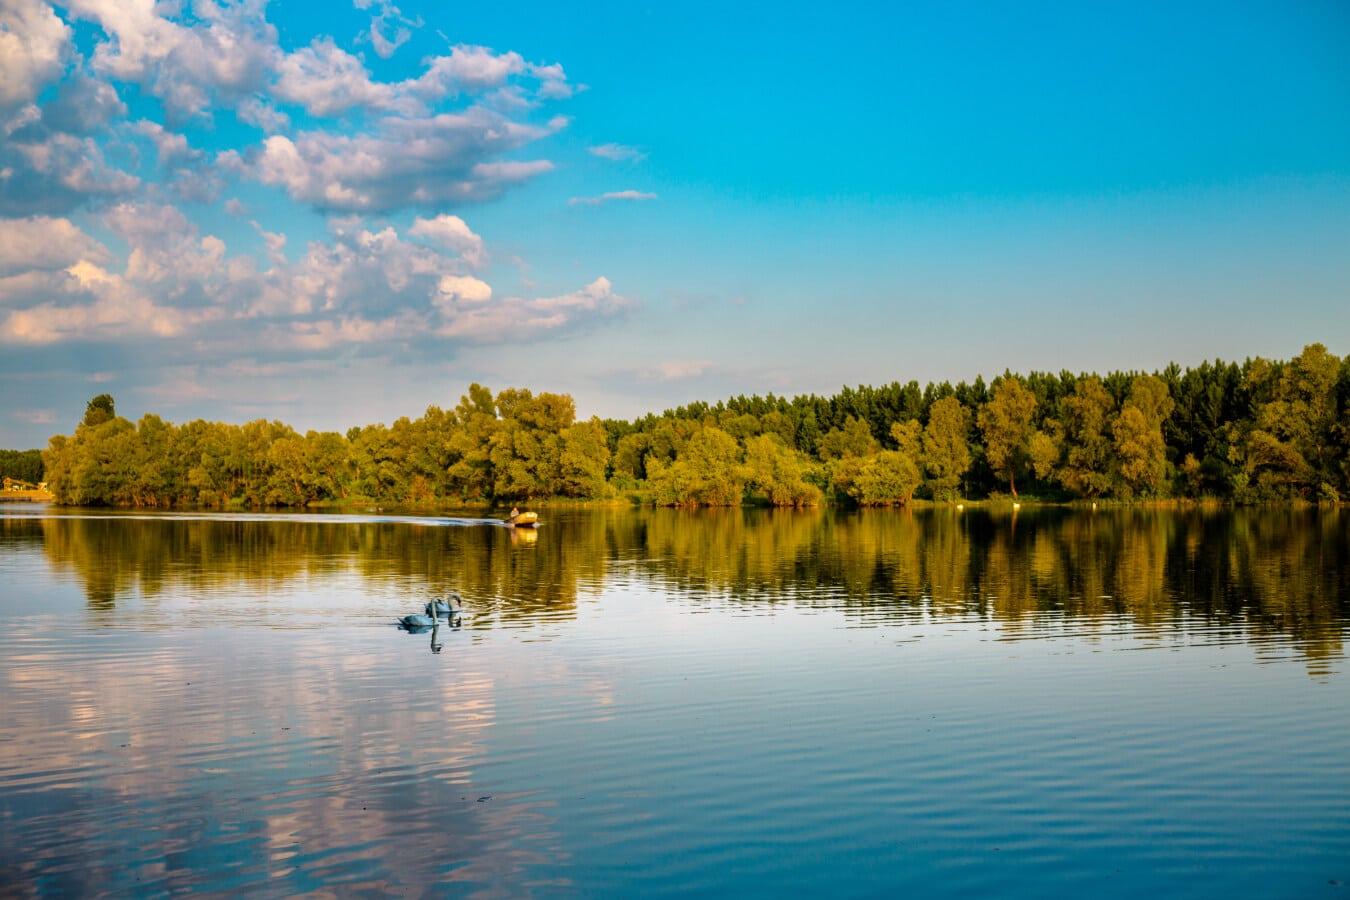 atmosphère, Lac, majestueux, cygne, paysage, forêt, arbre, réflexion, eau, aube